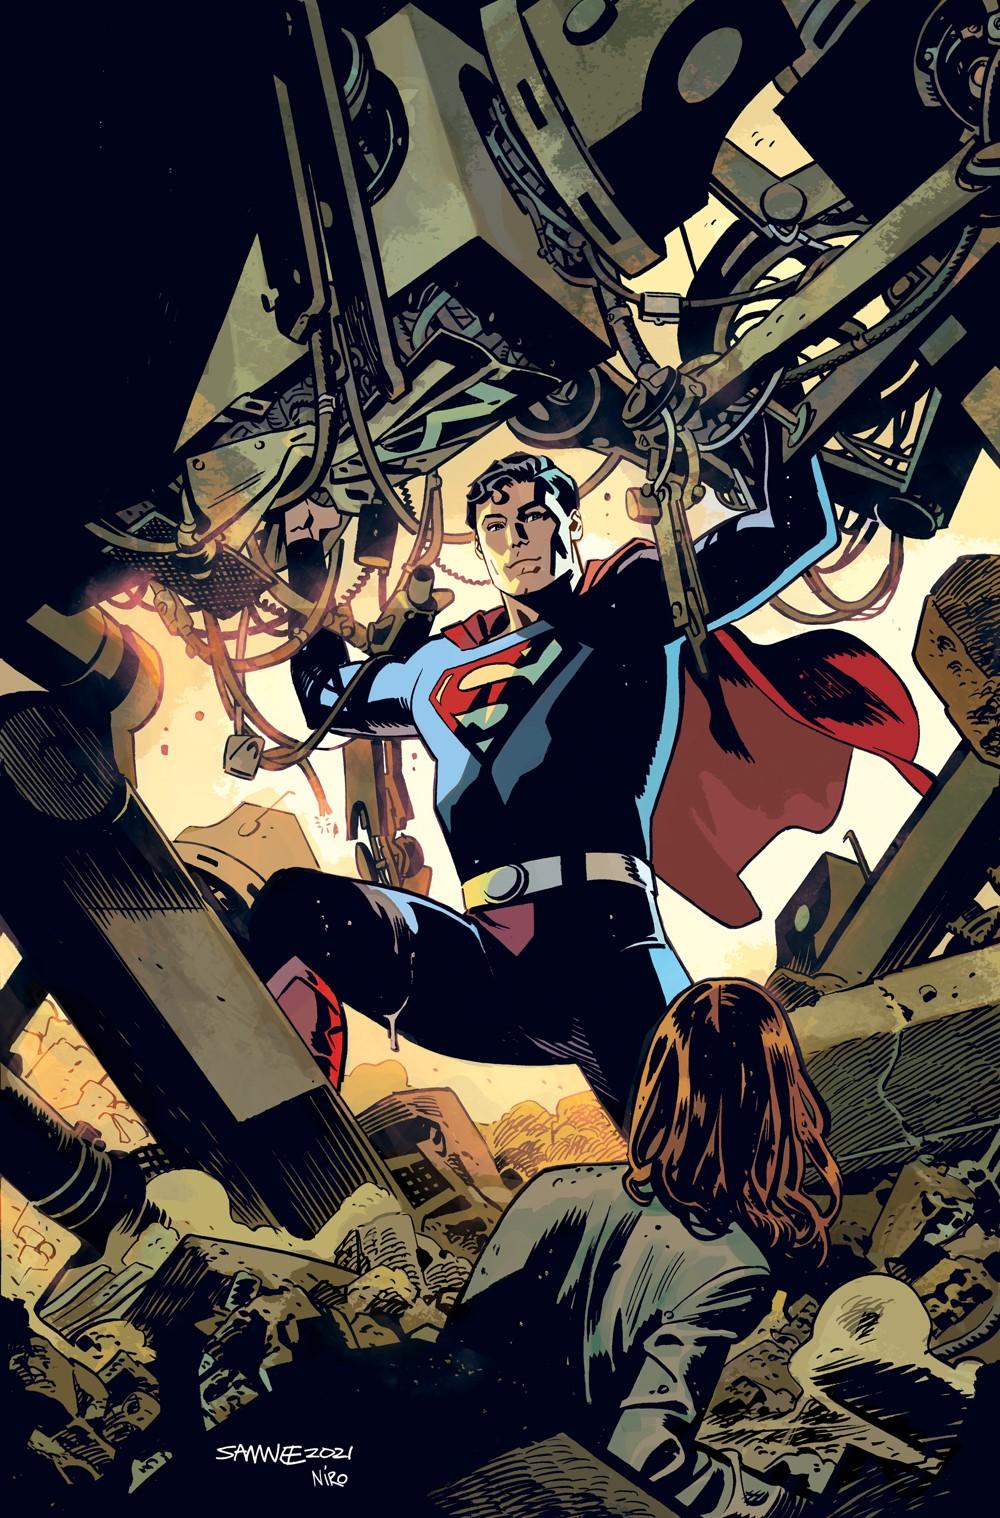 Superman-78-4-Variant DC Comics November 2021 Solicitations